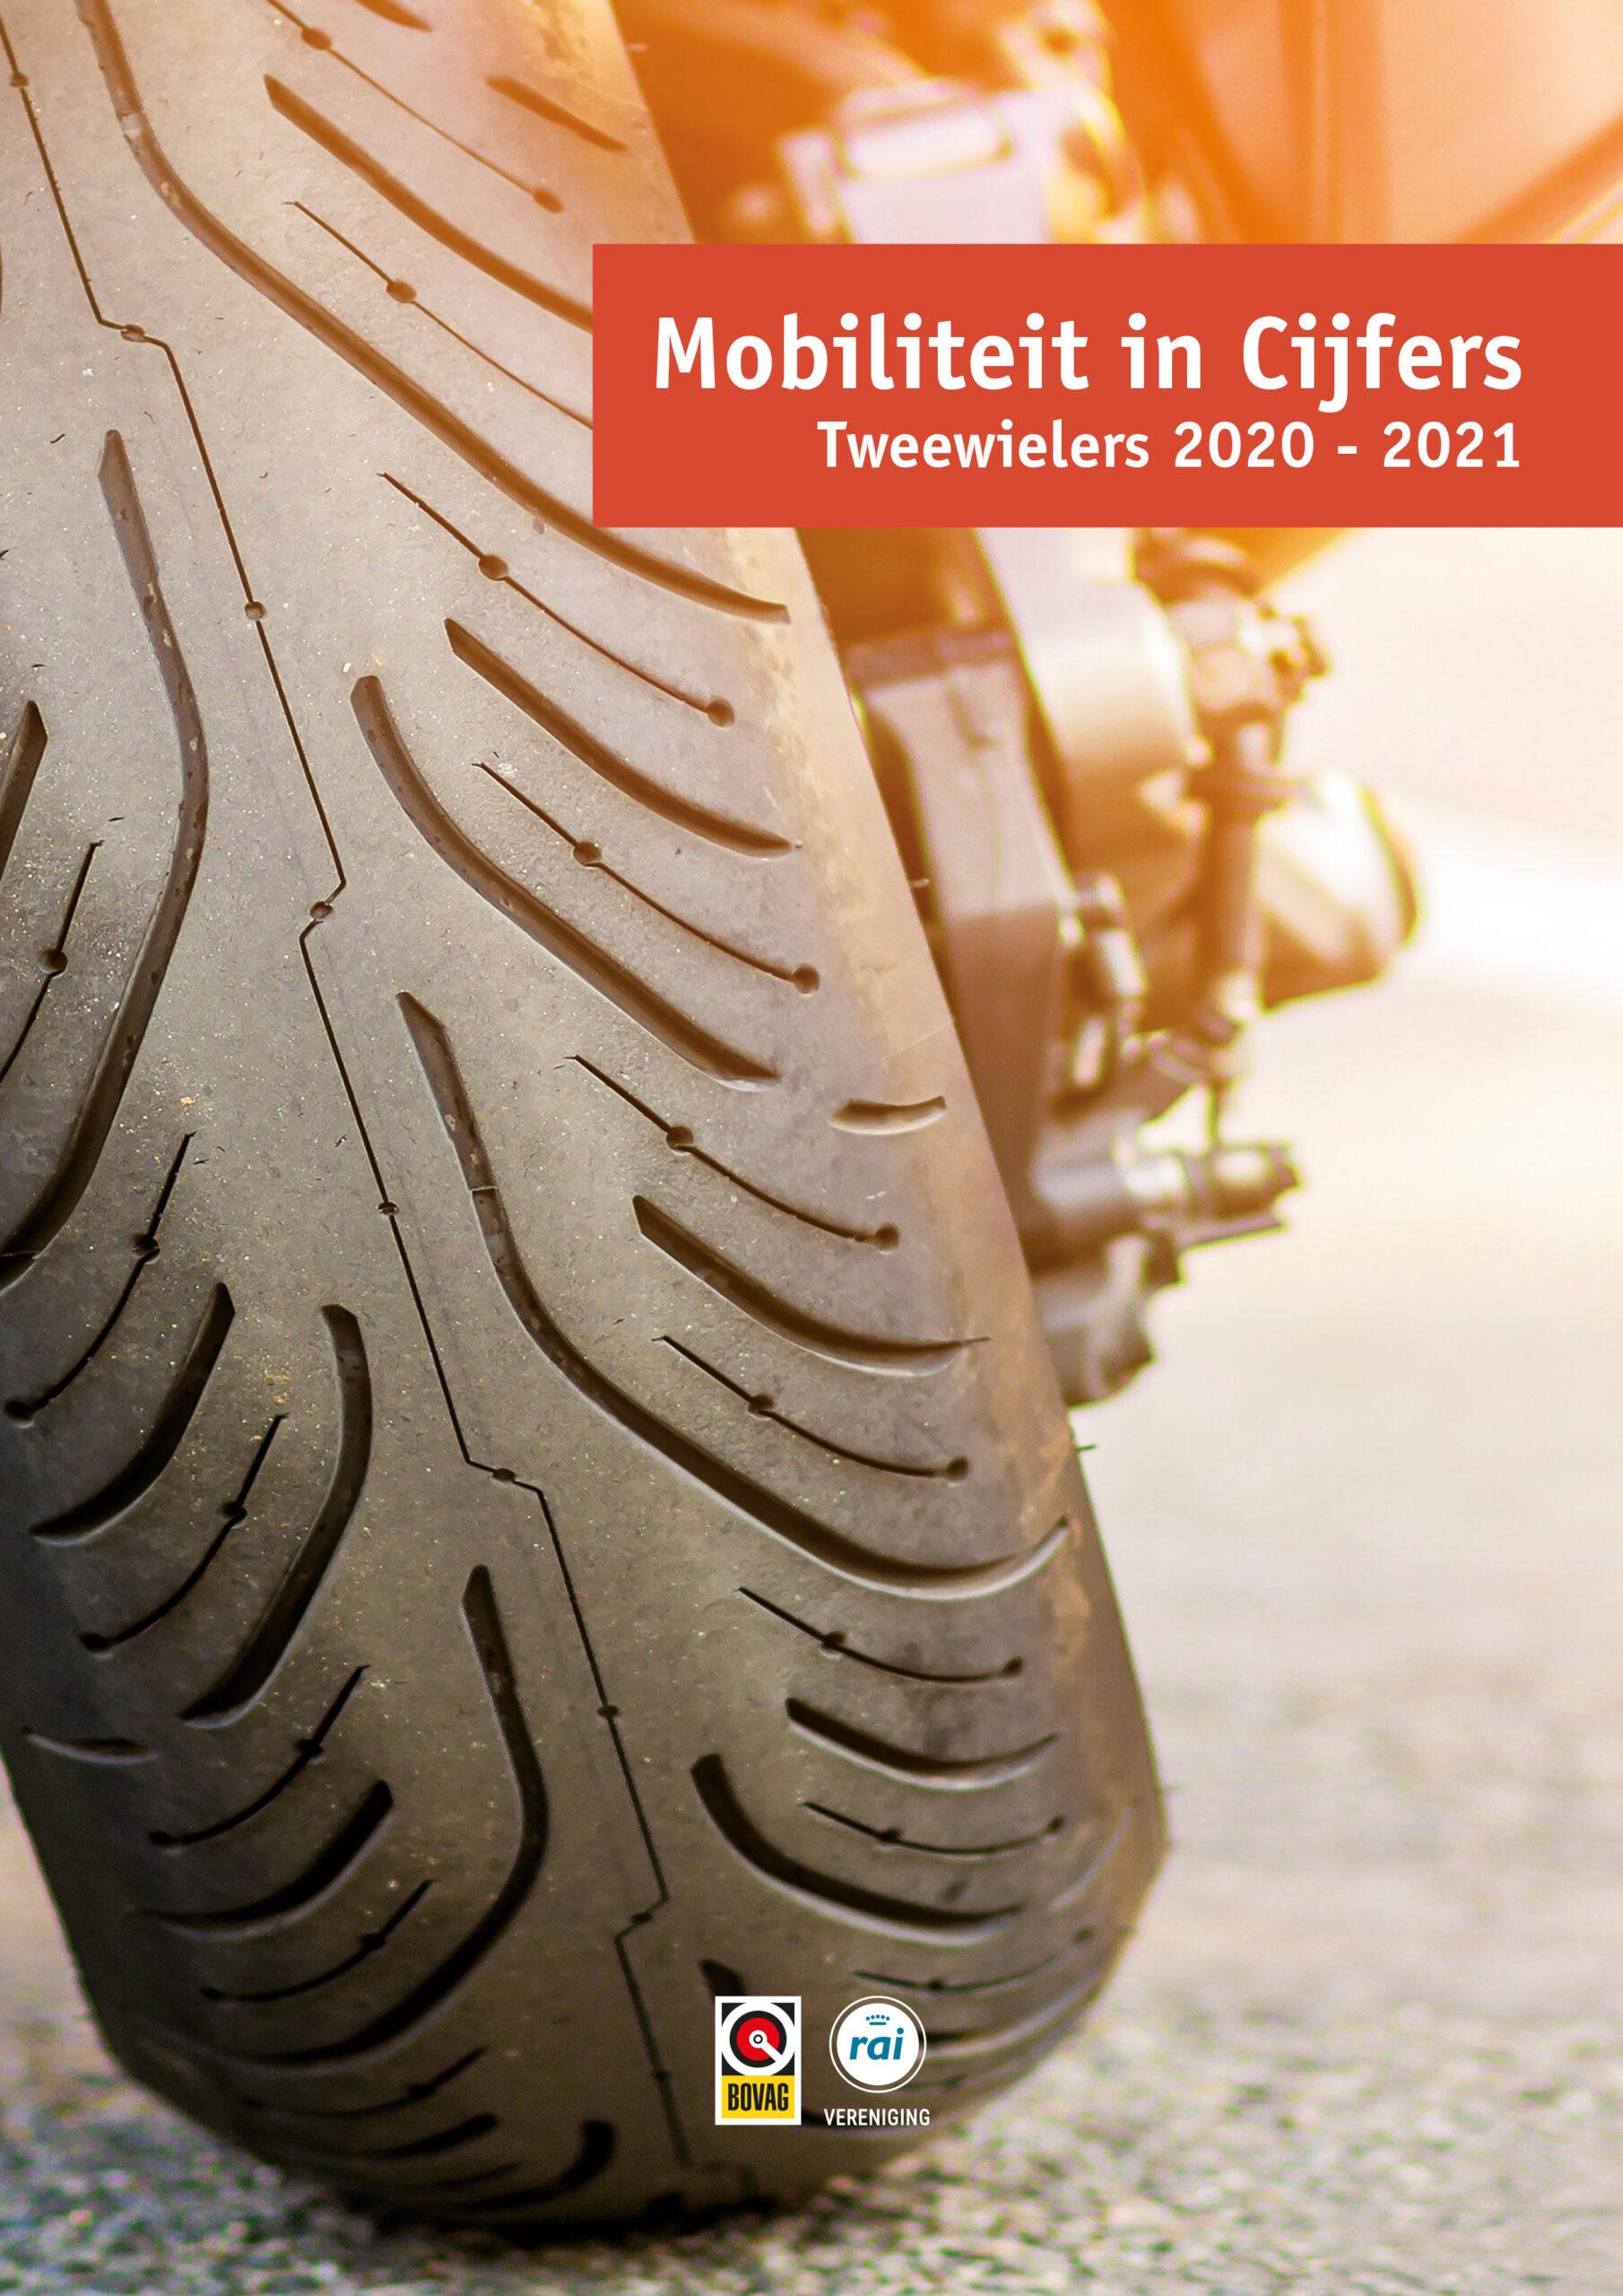 BOVAG-RAI: Mobiliteit in Cijfers Tweewielers 2020 - 2021